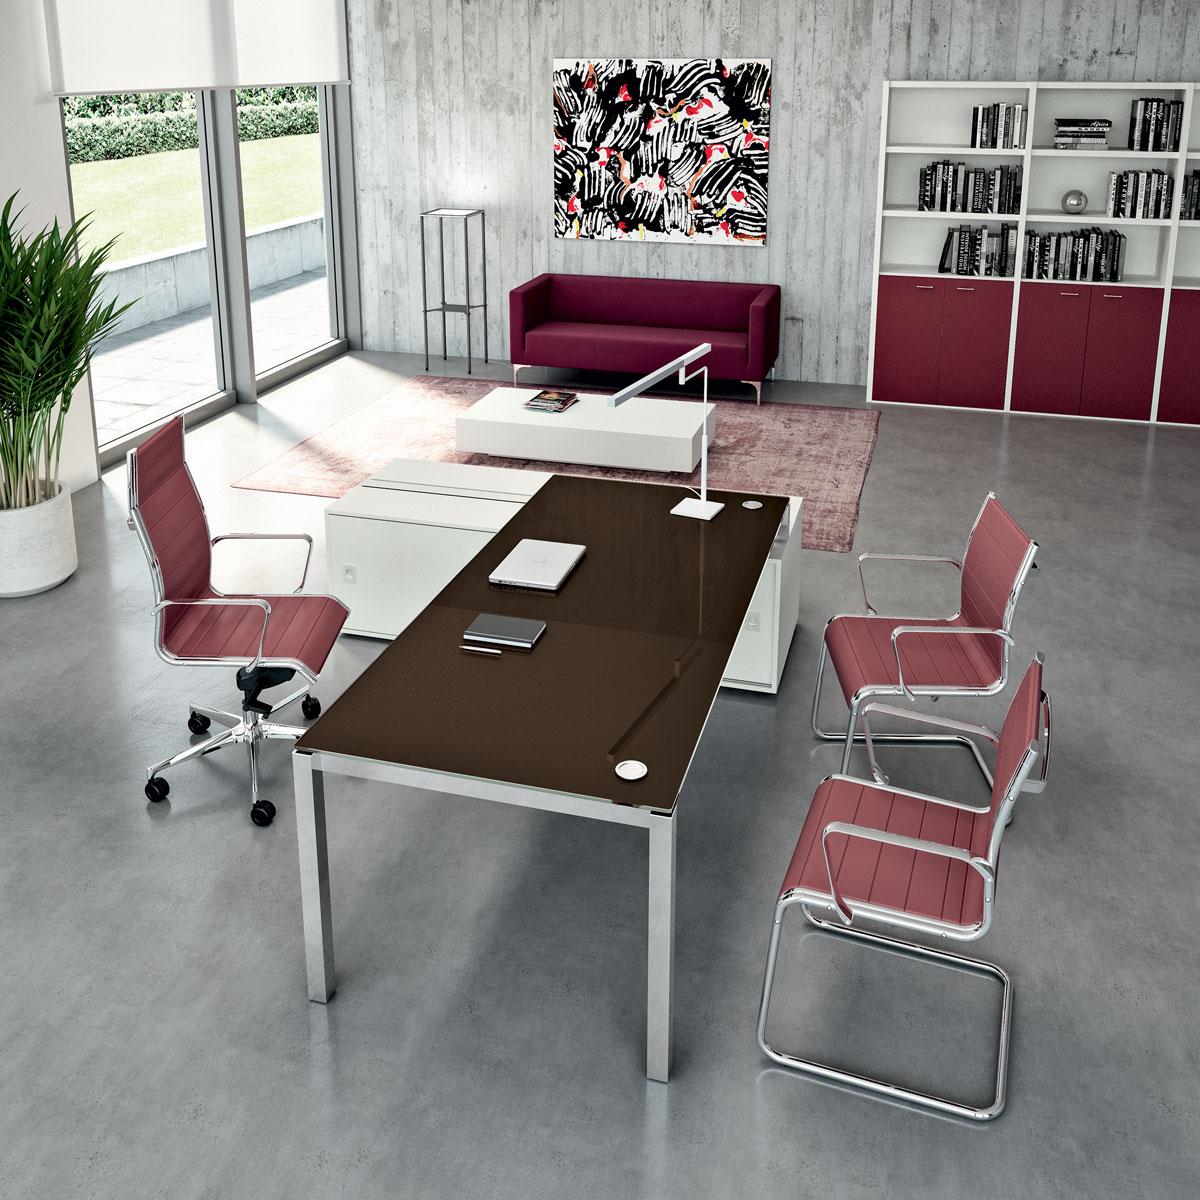 Bureau en verre moka X4